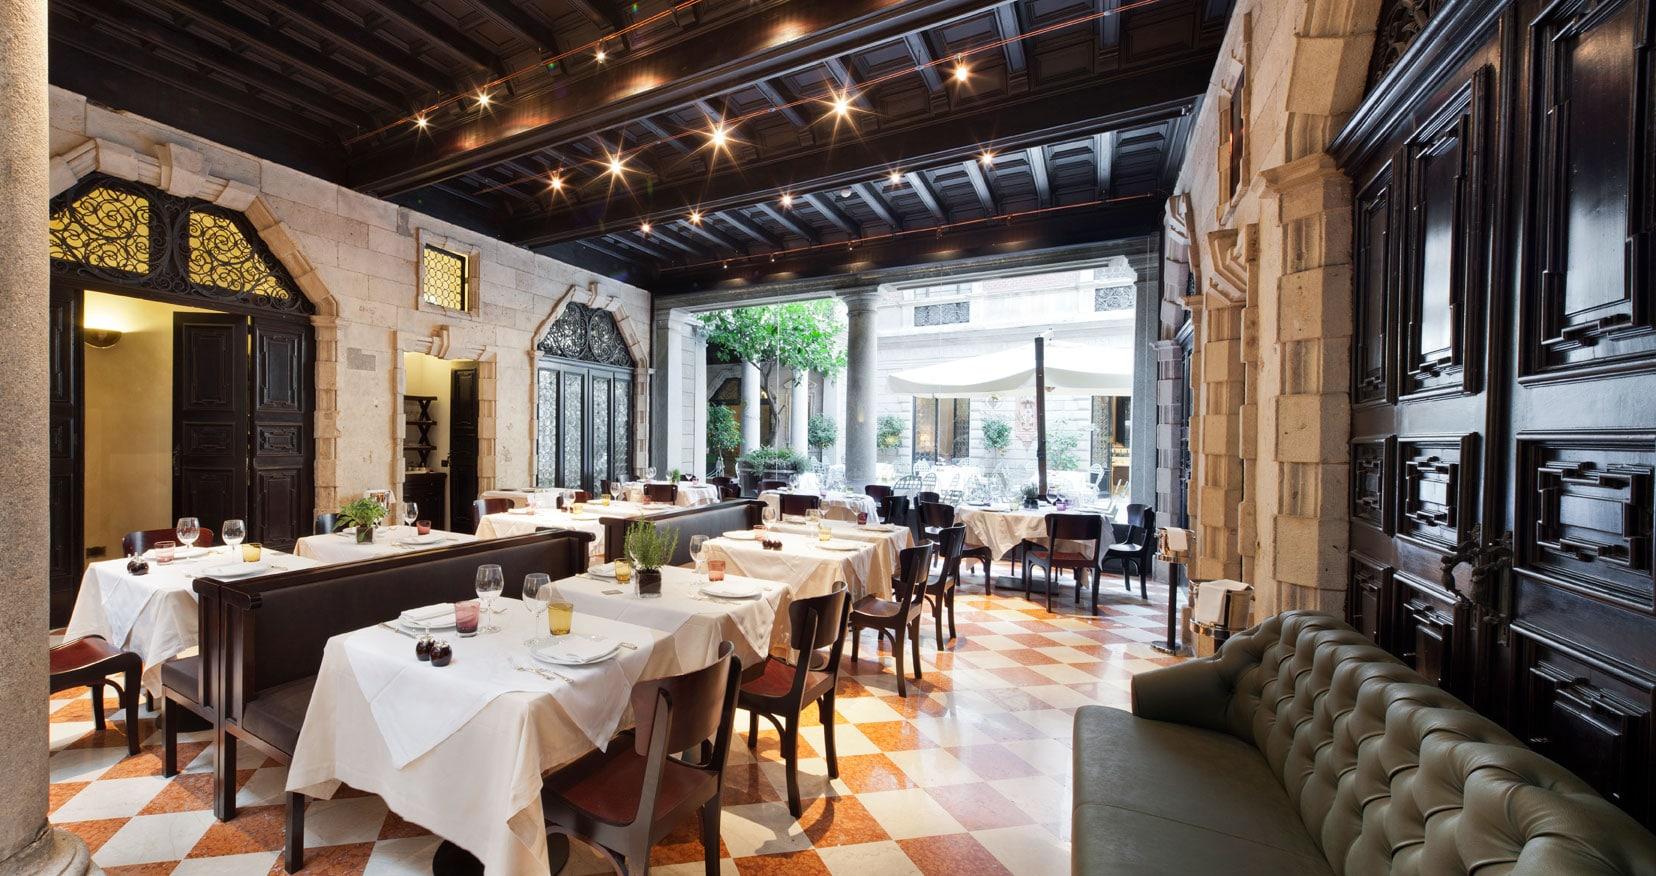 Best Places in Milan Best Places in Milan The Best Places in Milan for Your Instagram Feed salumaio montenapoleone patio 2